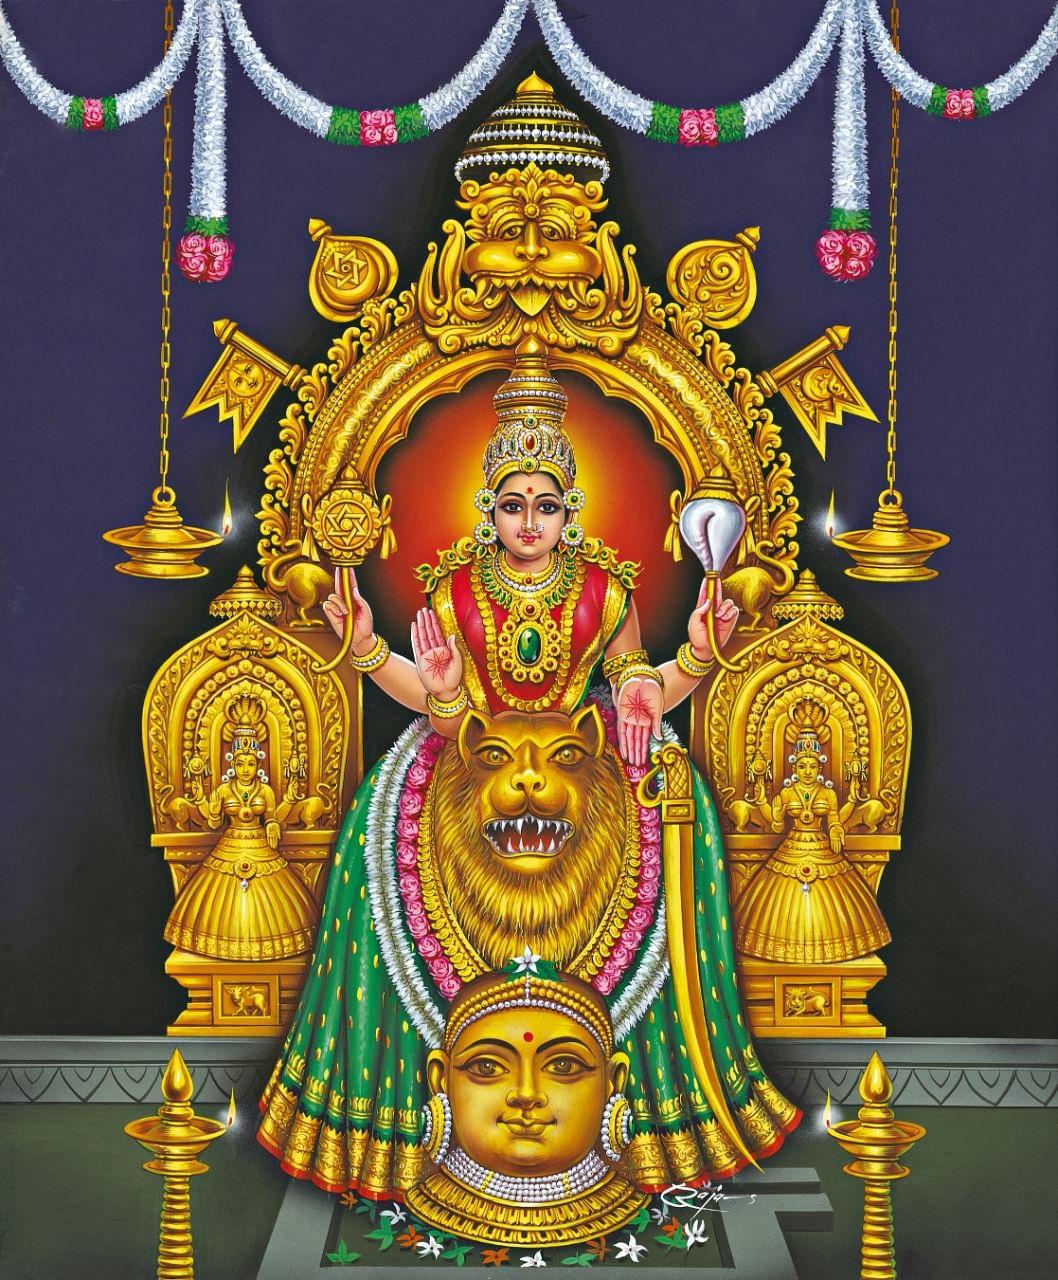 கொல்லூர் மூகாம்பிகை